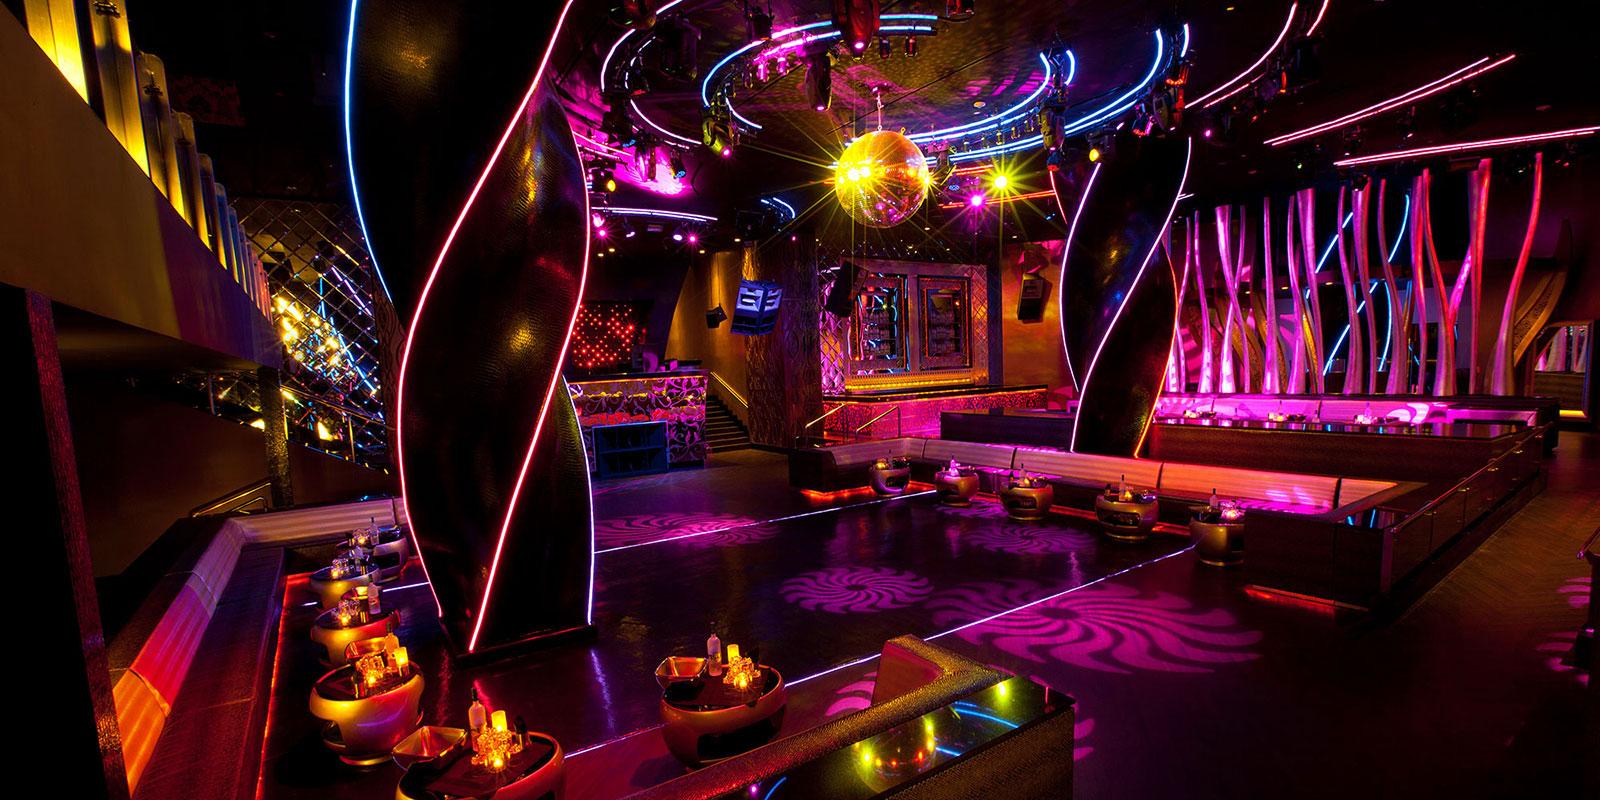 фото роскошных клубов